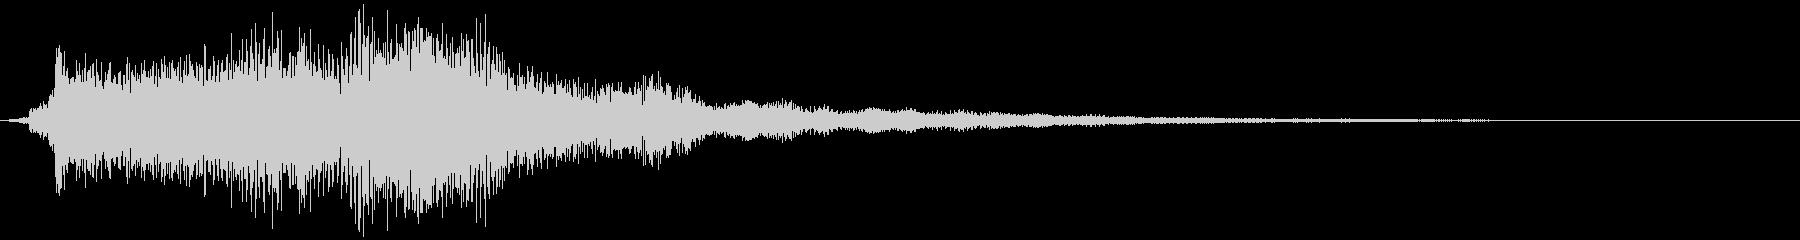 シュイーン(起動音・企業サウンドロゴ)の未再生の波形